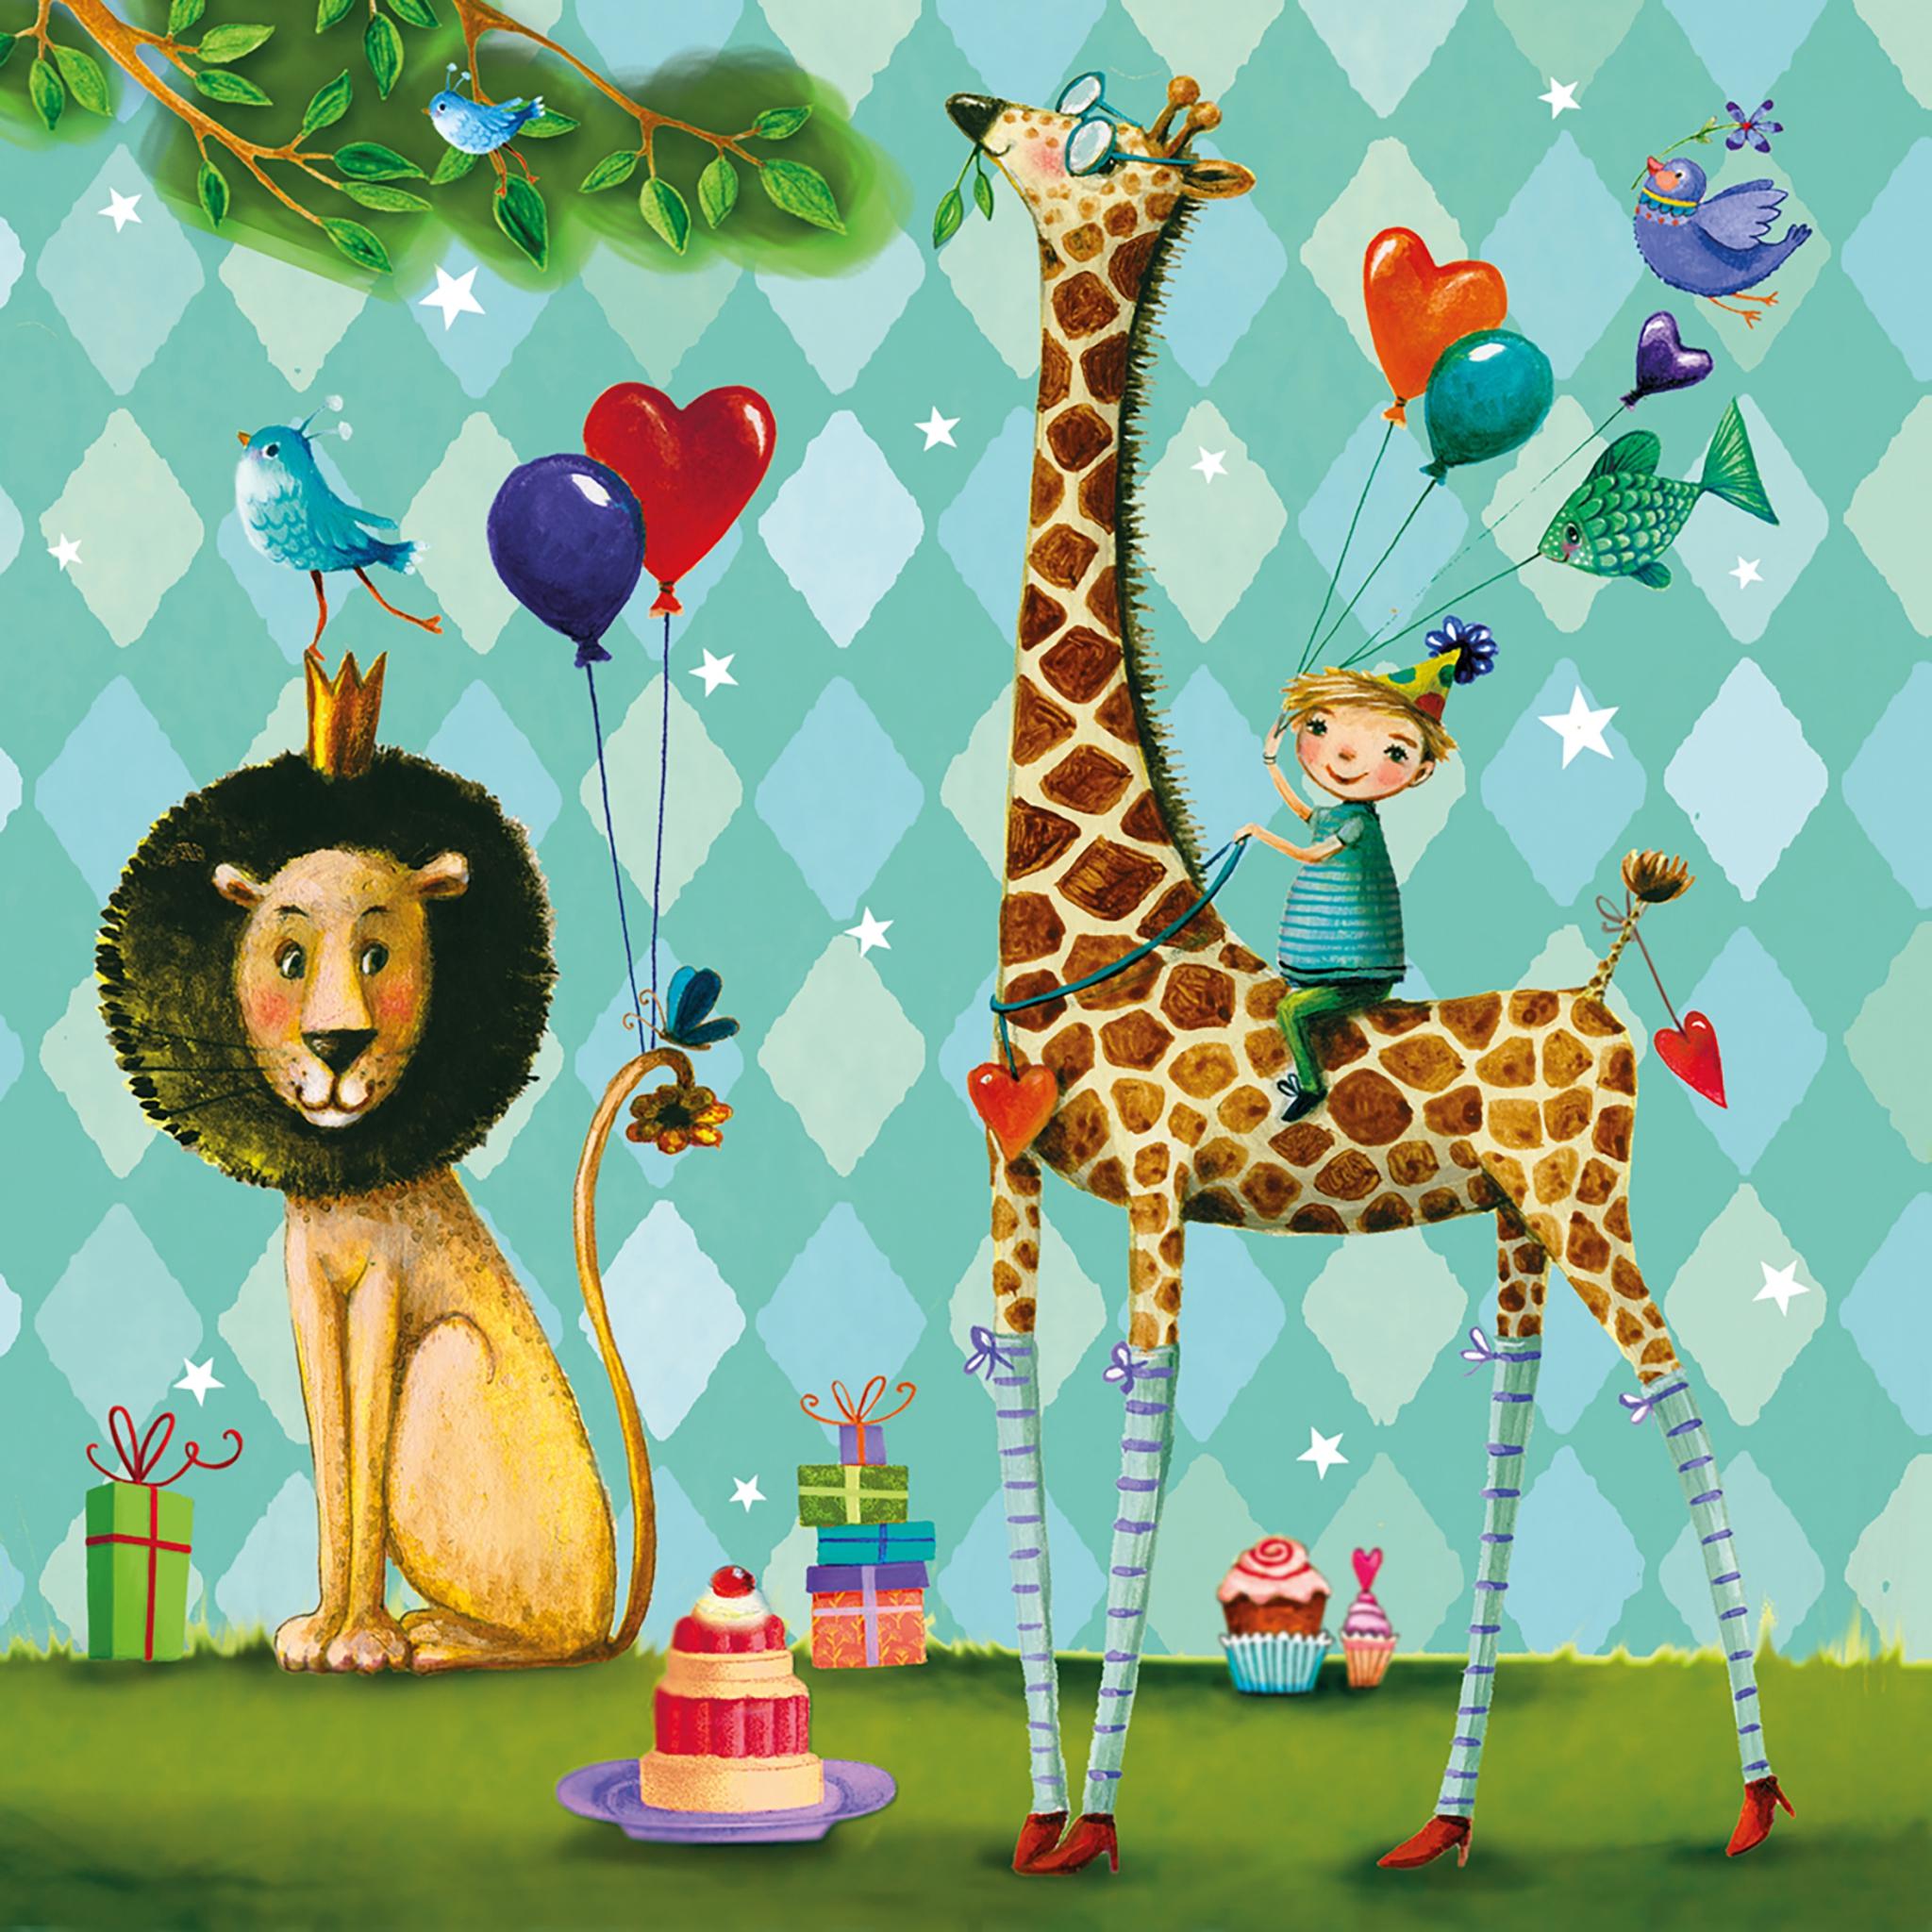 Paperproducts Design,  Ereignisse - Geburtstag,  Tiere - Löwen,  Tiere - Giraffen,  Everyday,  lunchservietten,  Geburtstag,  Party,  Löwen,  Giraffen